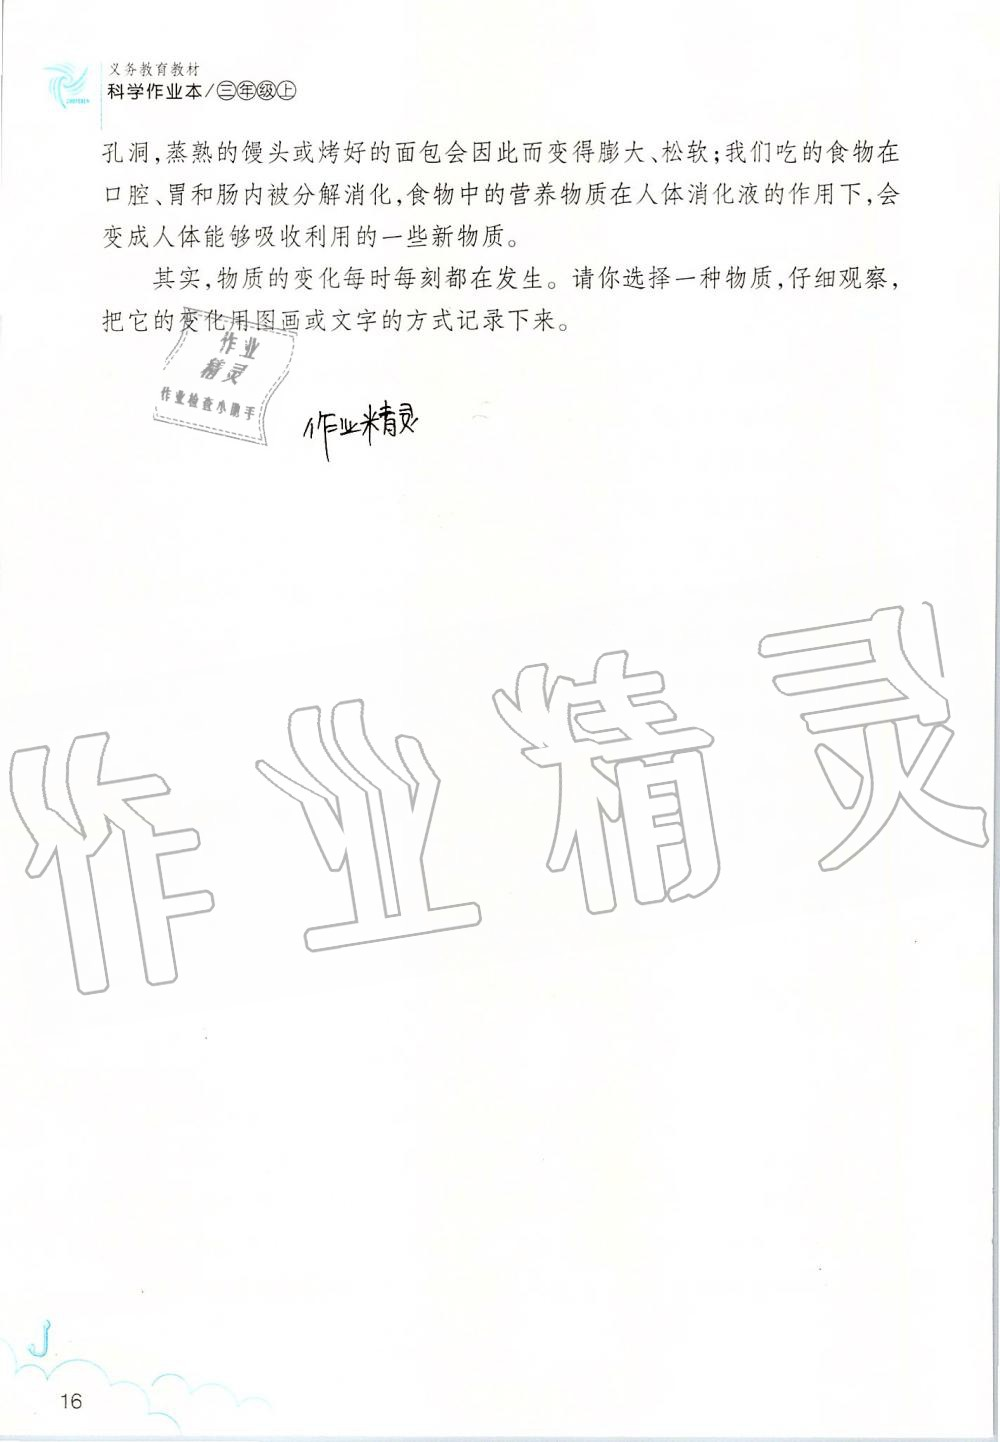 2019年科学作业本三年级上册教科版浙江教育出版社第16页